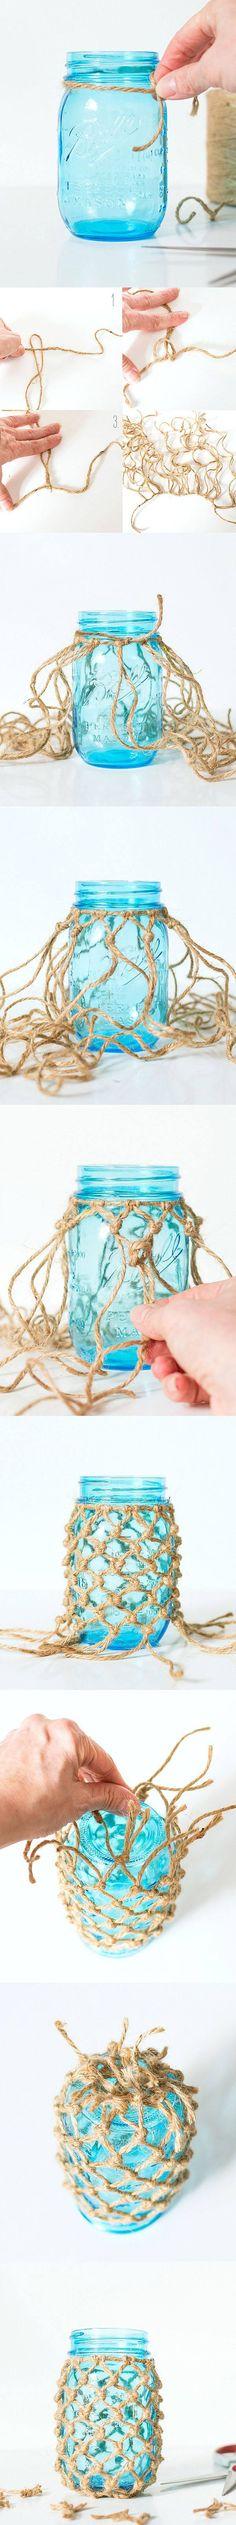 Ingeniosa decoración con cuerda para tus tarros - DIY Rope Mason Jar